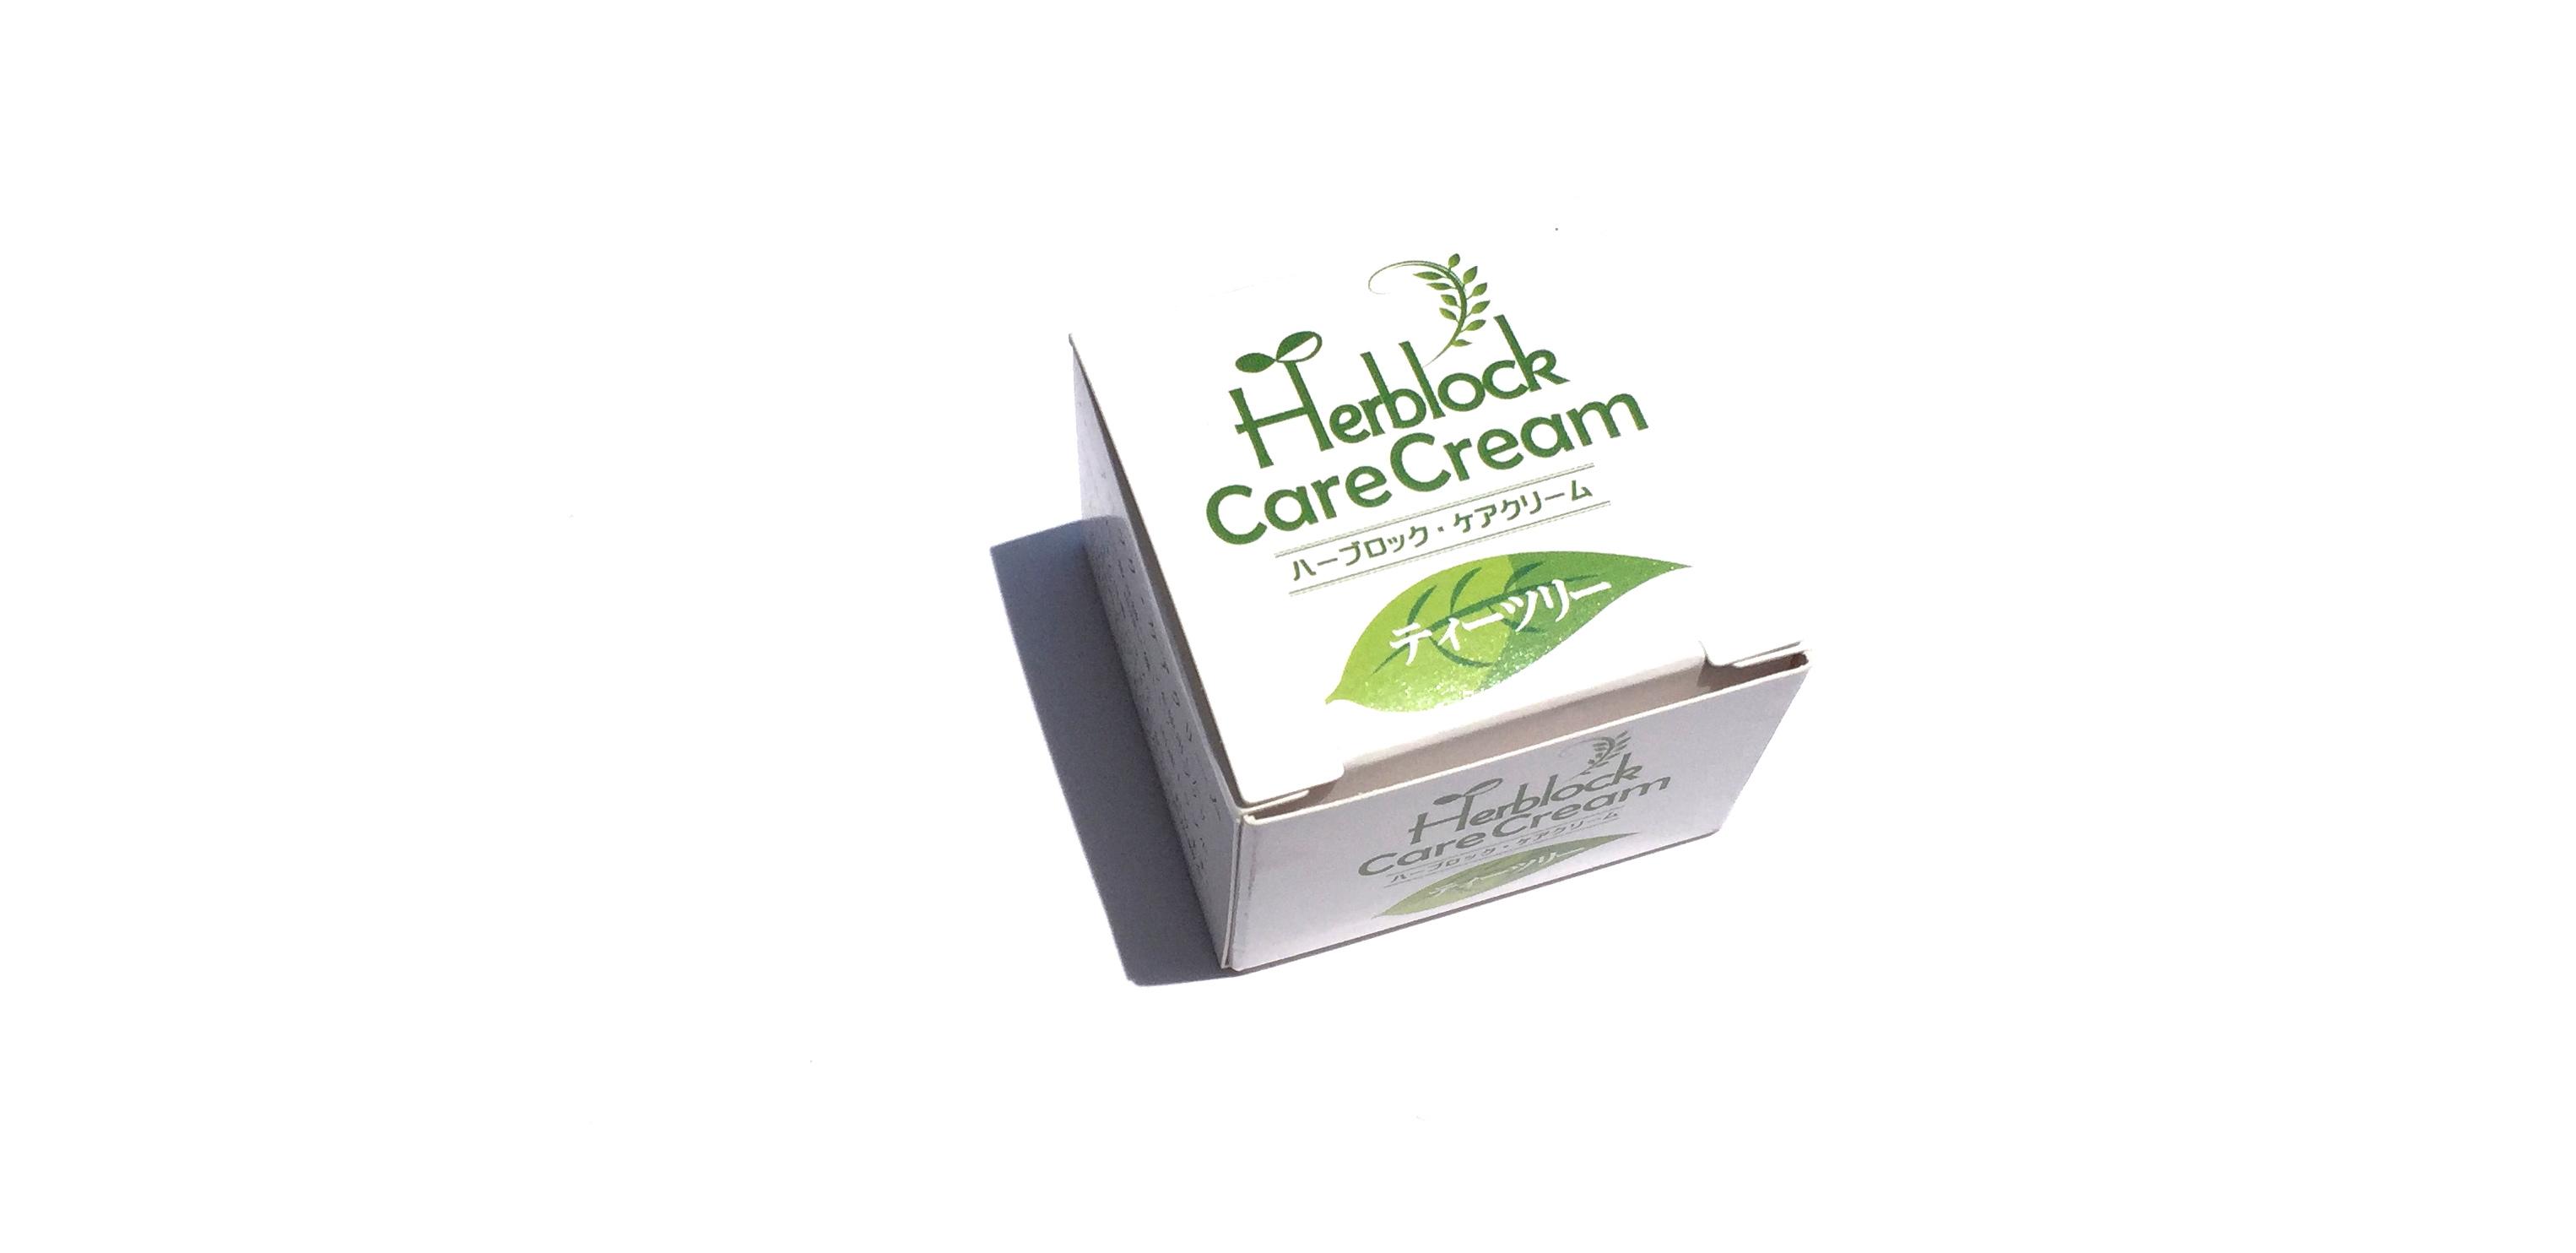 Herblock Care Cream ハーブロック ケア クリーム ティーツリー_d0217958_1929491.jpg